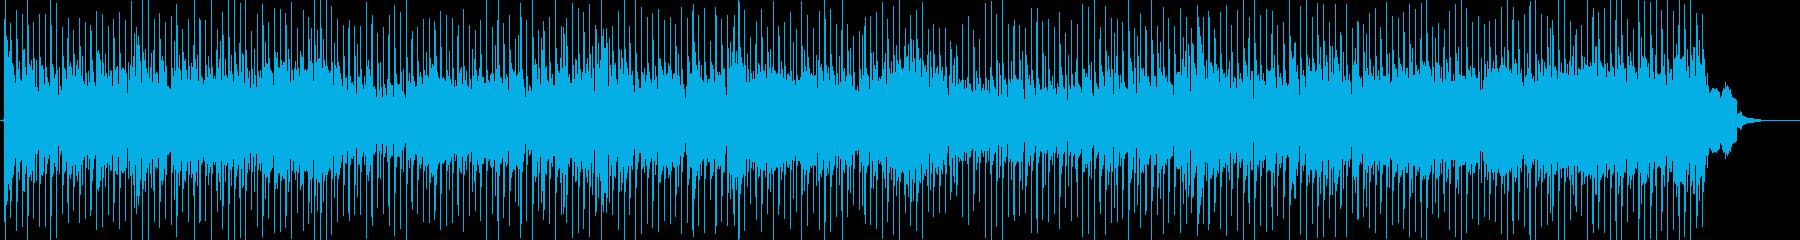 冬のアイドルポップ キラキラ爽やか切ないの再生済みの波形